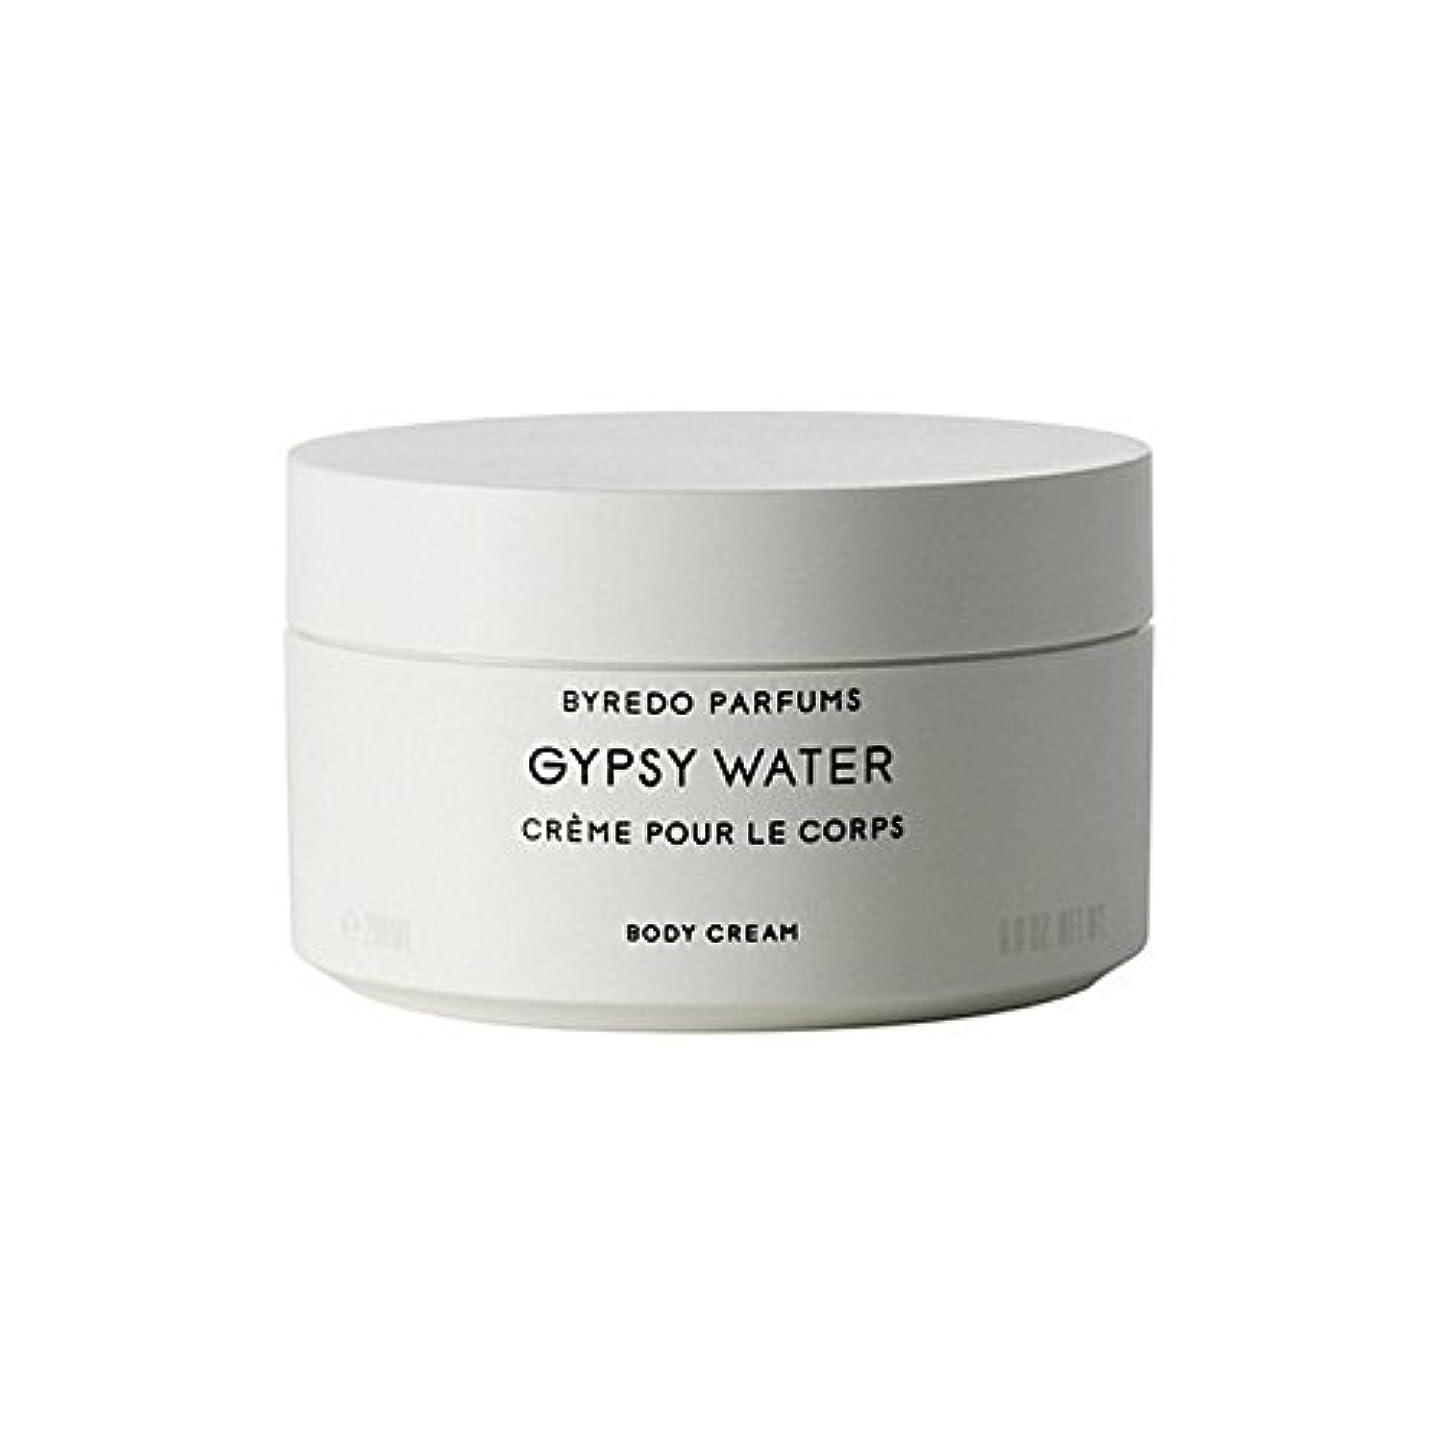 ドラマきゅうり開始Byredo Gypsy Water Body Cream 200ml - ジプシー水ボディクリーム200ミリリットル [並行輸入品]